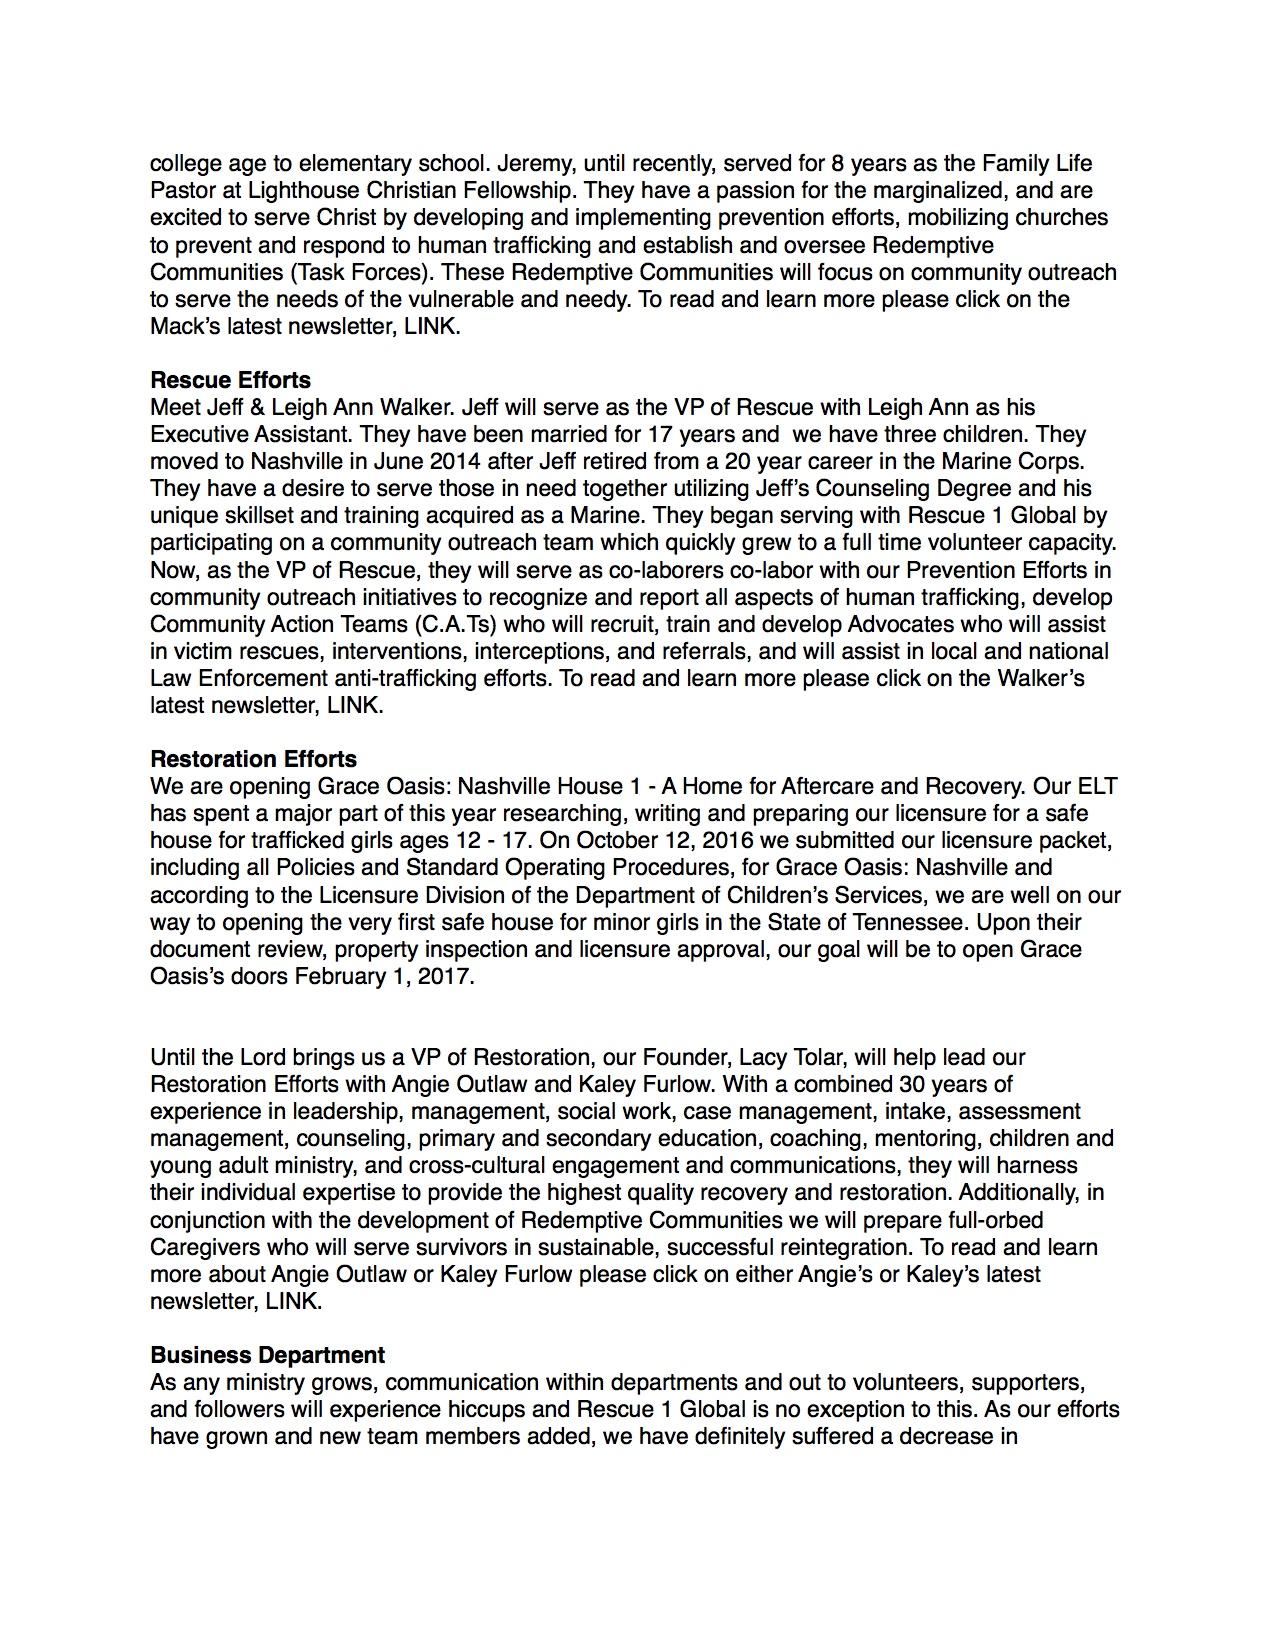 ceo-letter-r1g-pdf-2